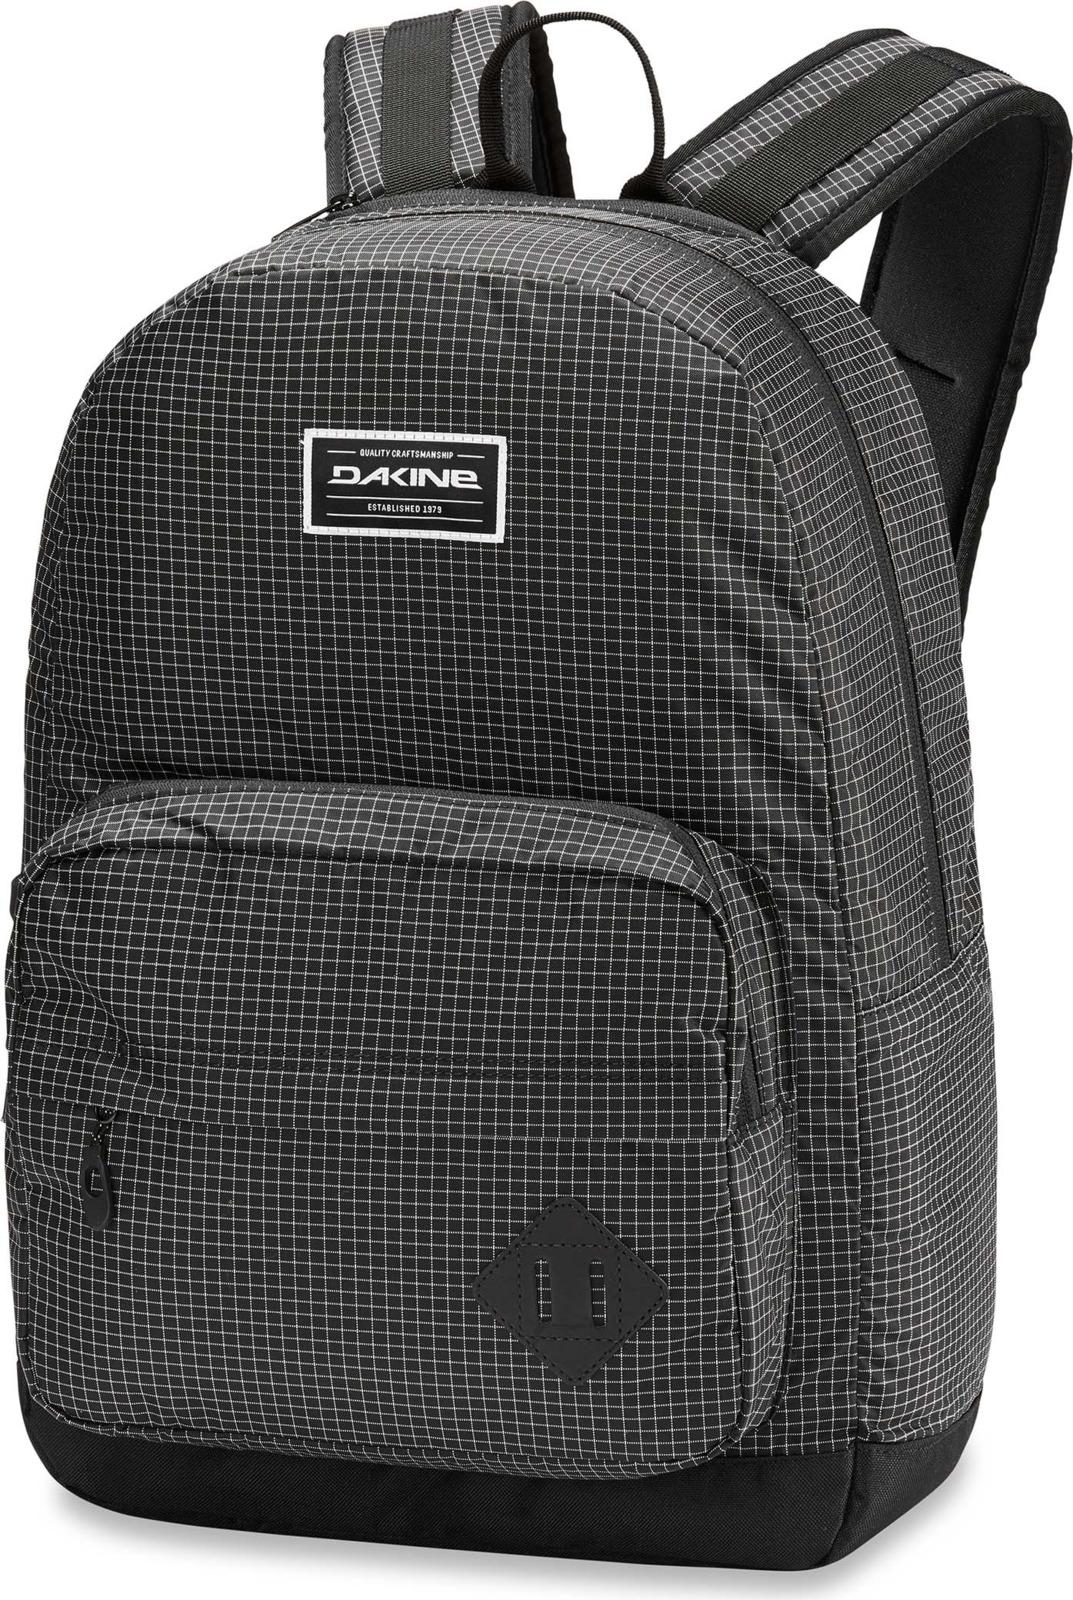 Рюкзак Dakine 365 Pack, цвет: черный в клетку, 30 л